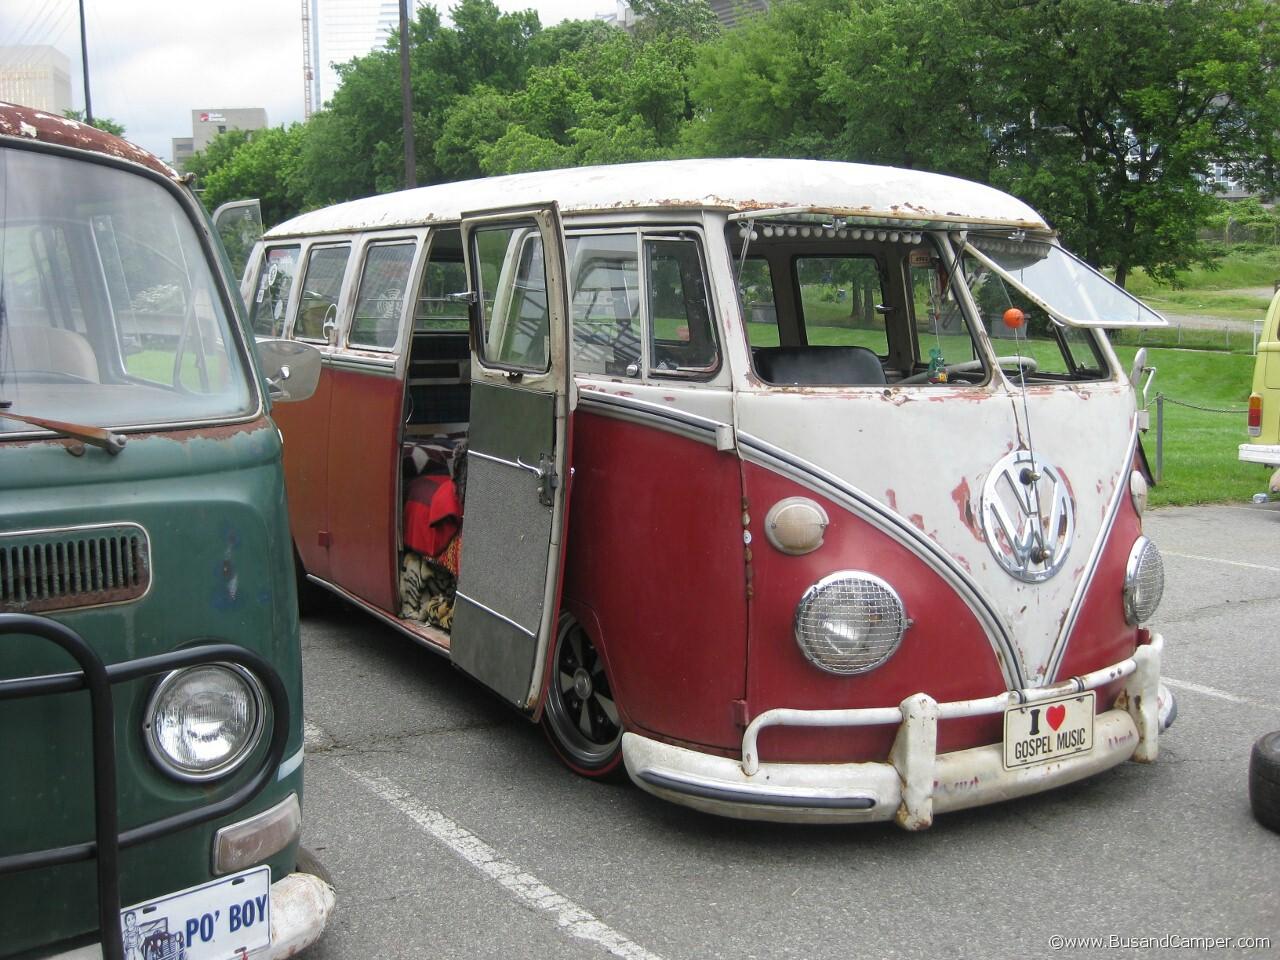 Gospel music rat bus